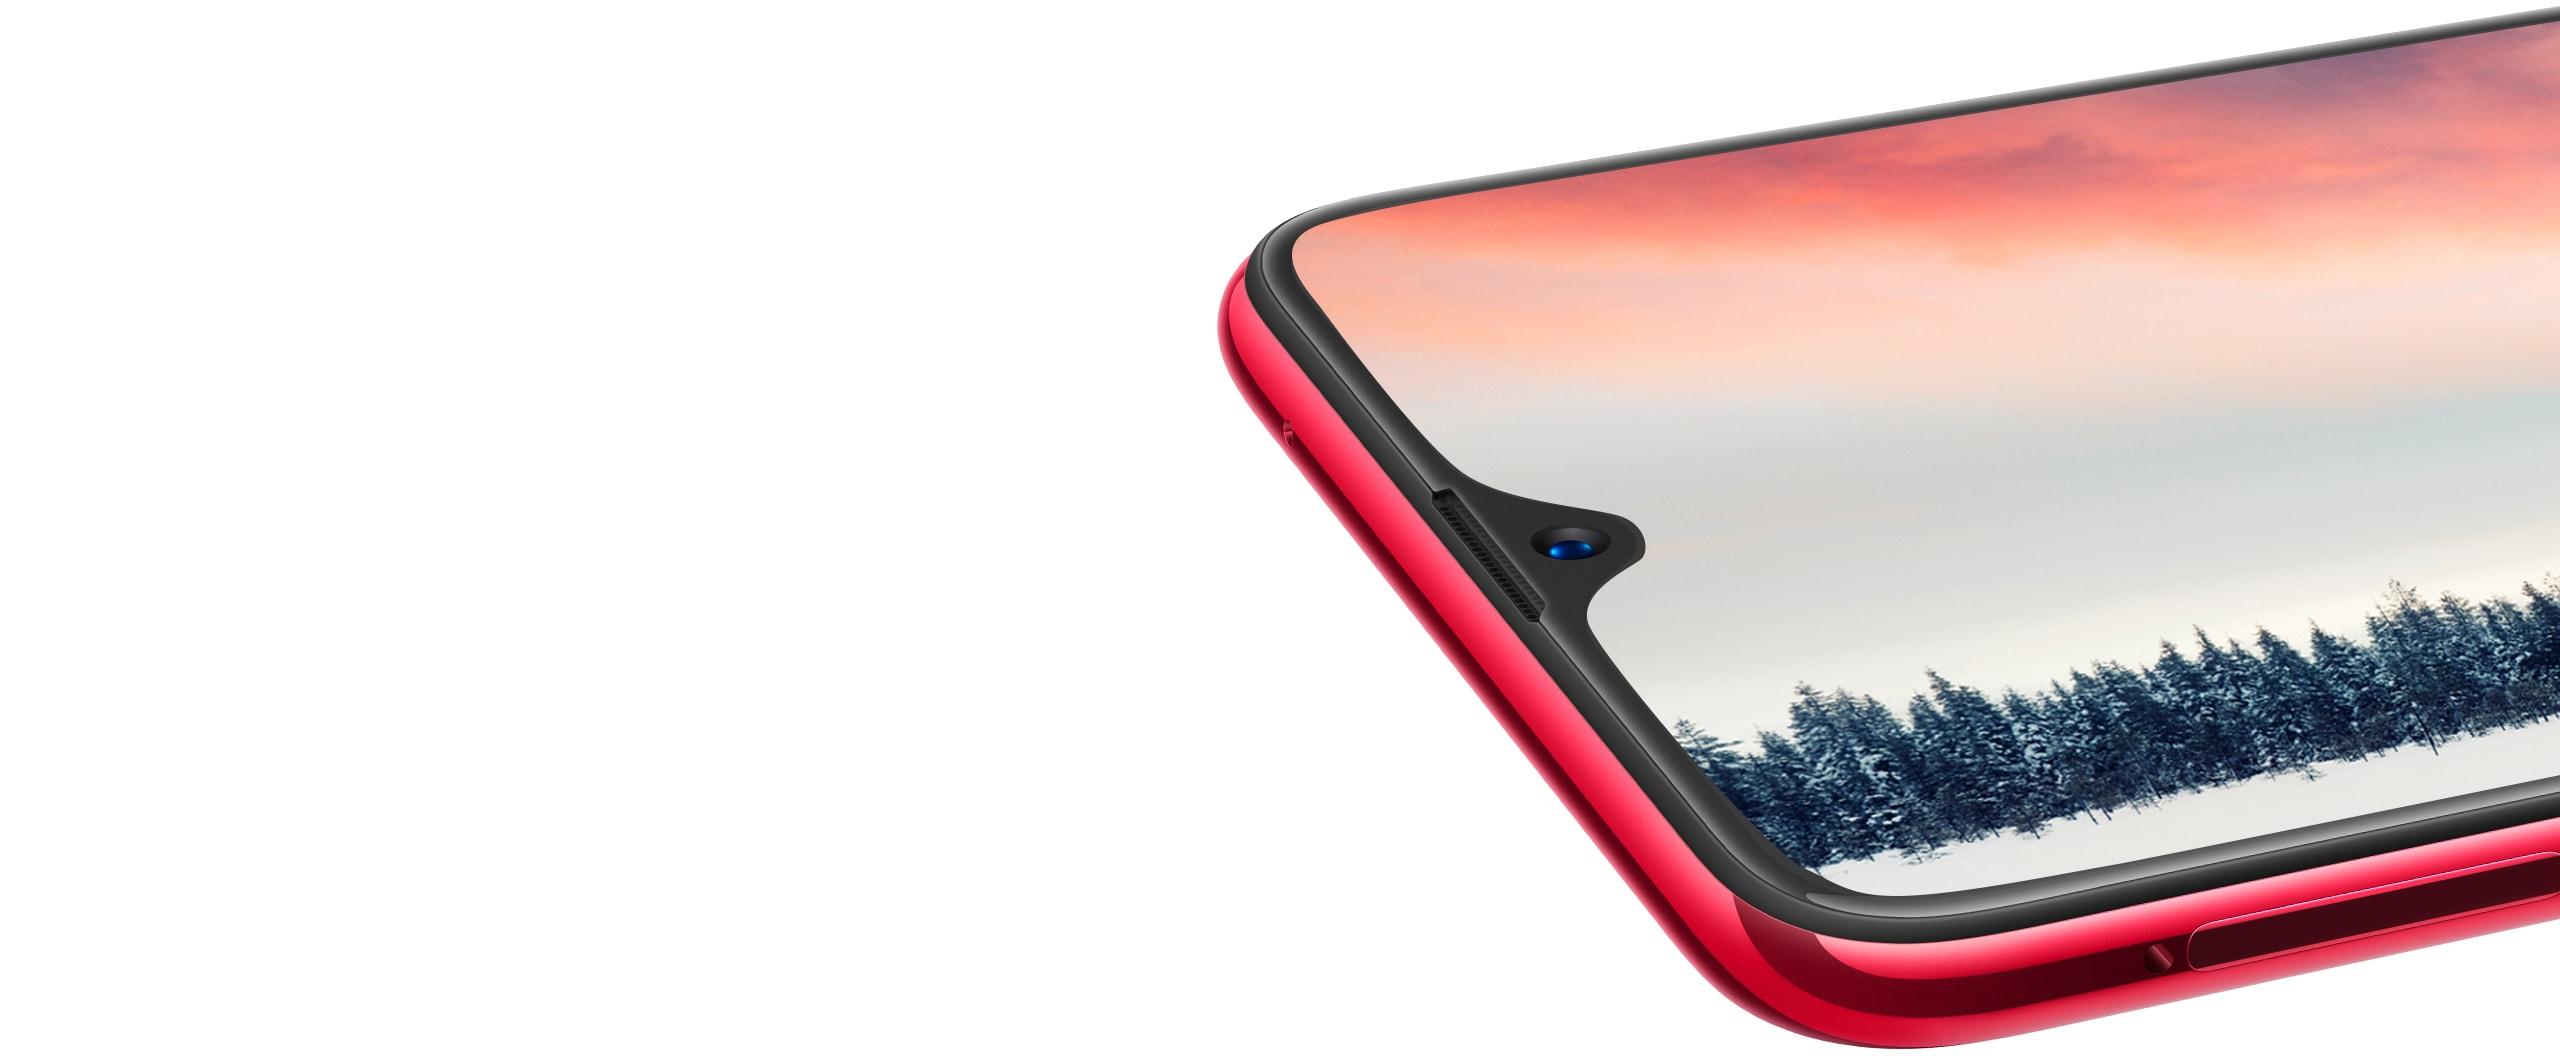 รีวิว OPPO F9 สมาร์ทโฟนสำหรับสายฟรุ้งฟริ้ง 1